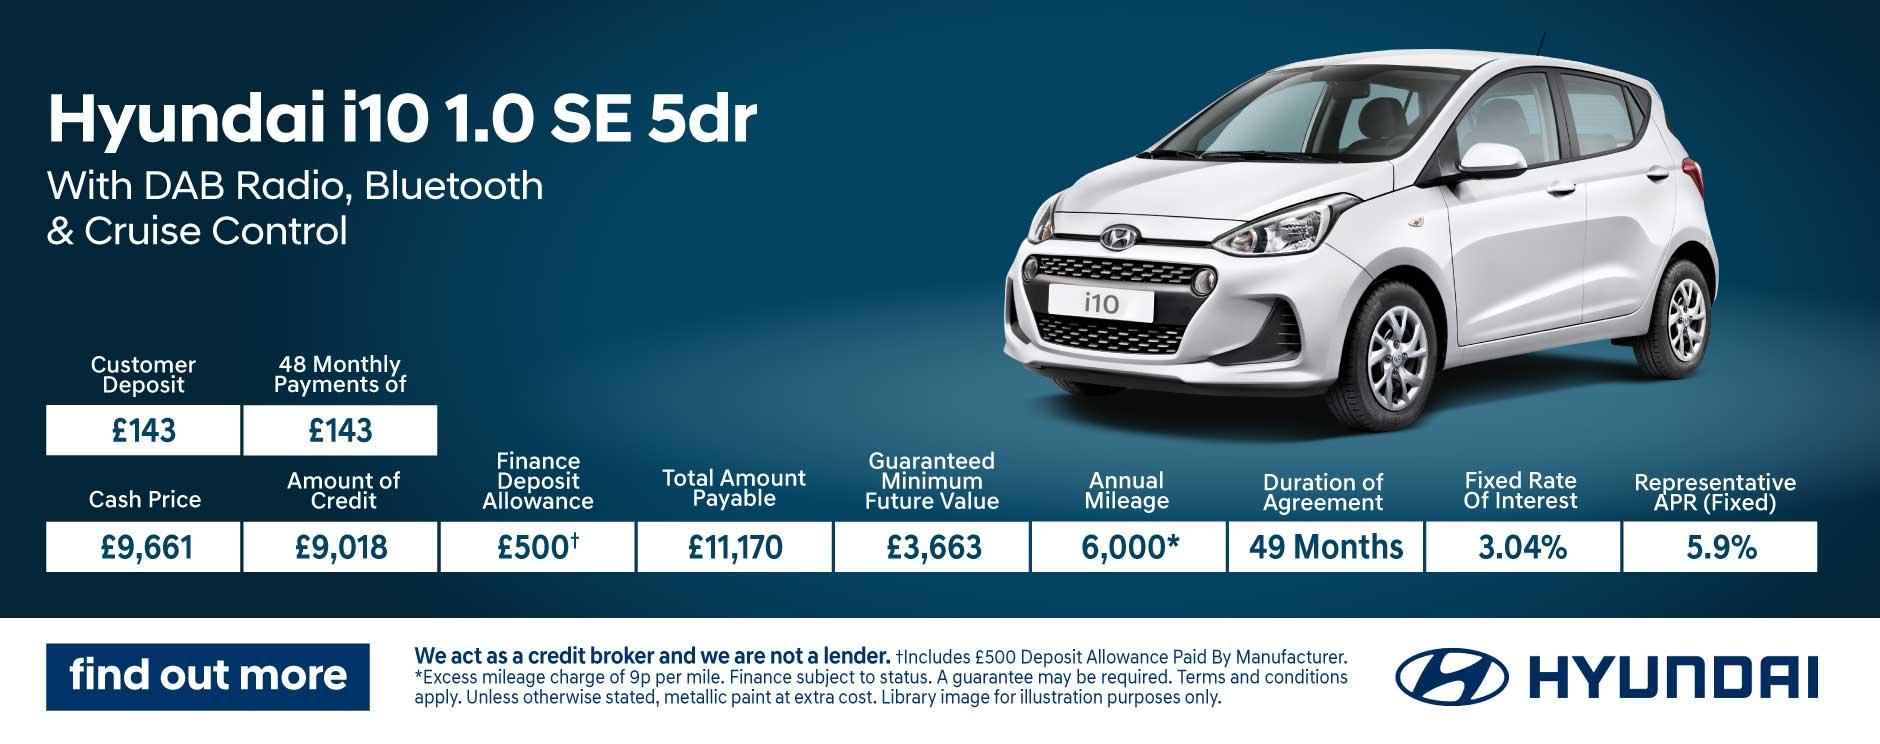 New Hyundai deals | New Hyundai cars for sale | Macklin Motors